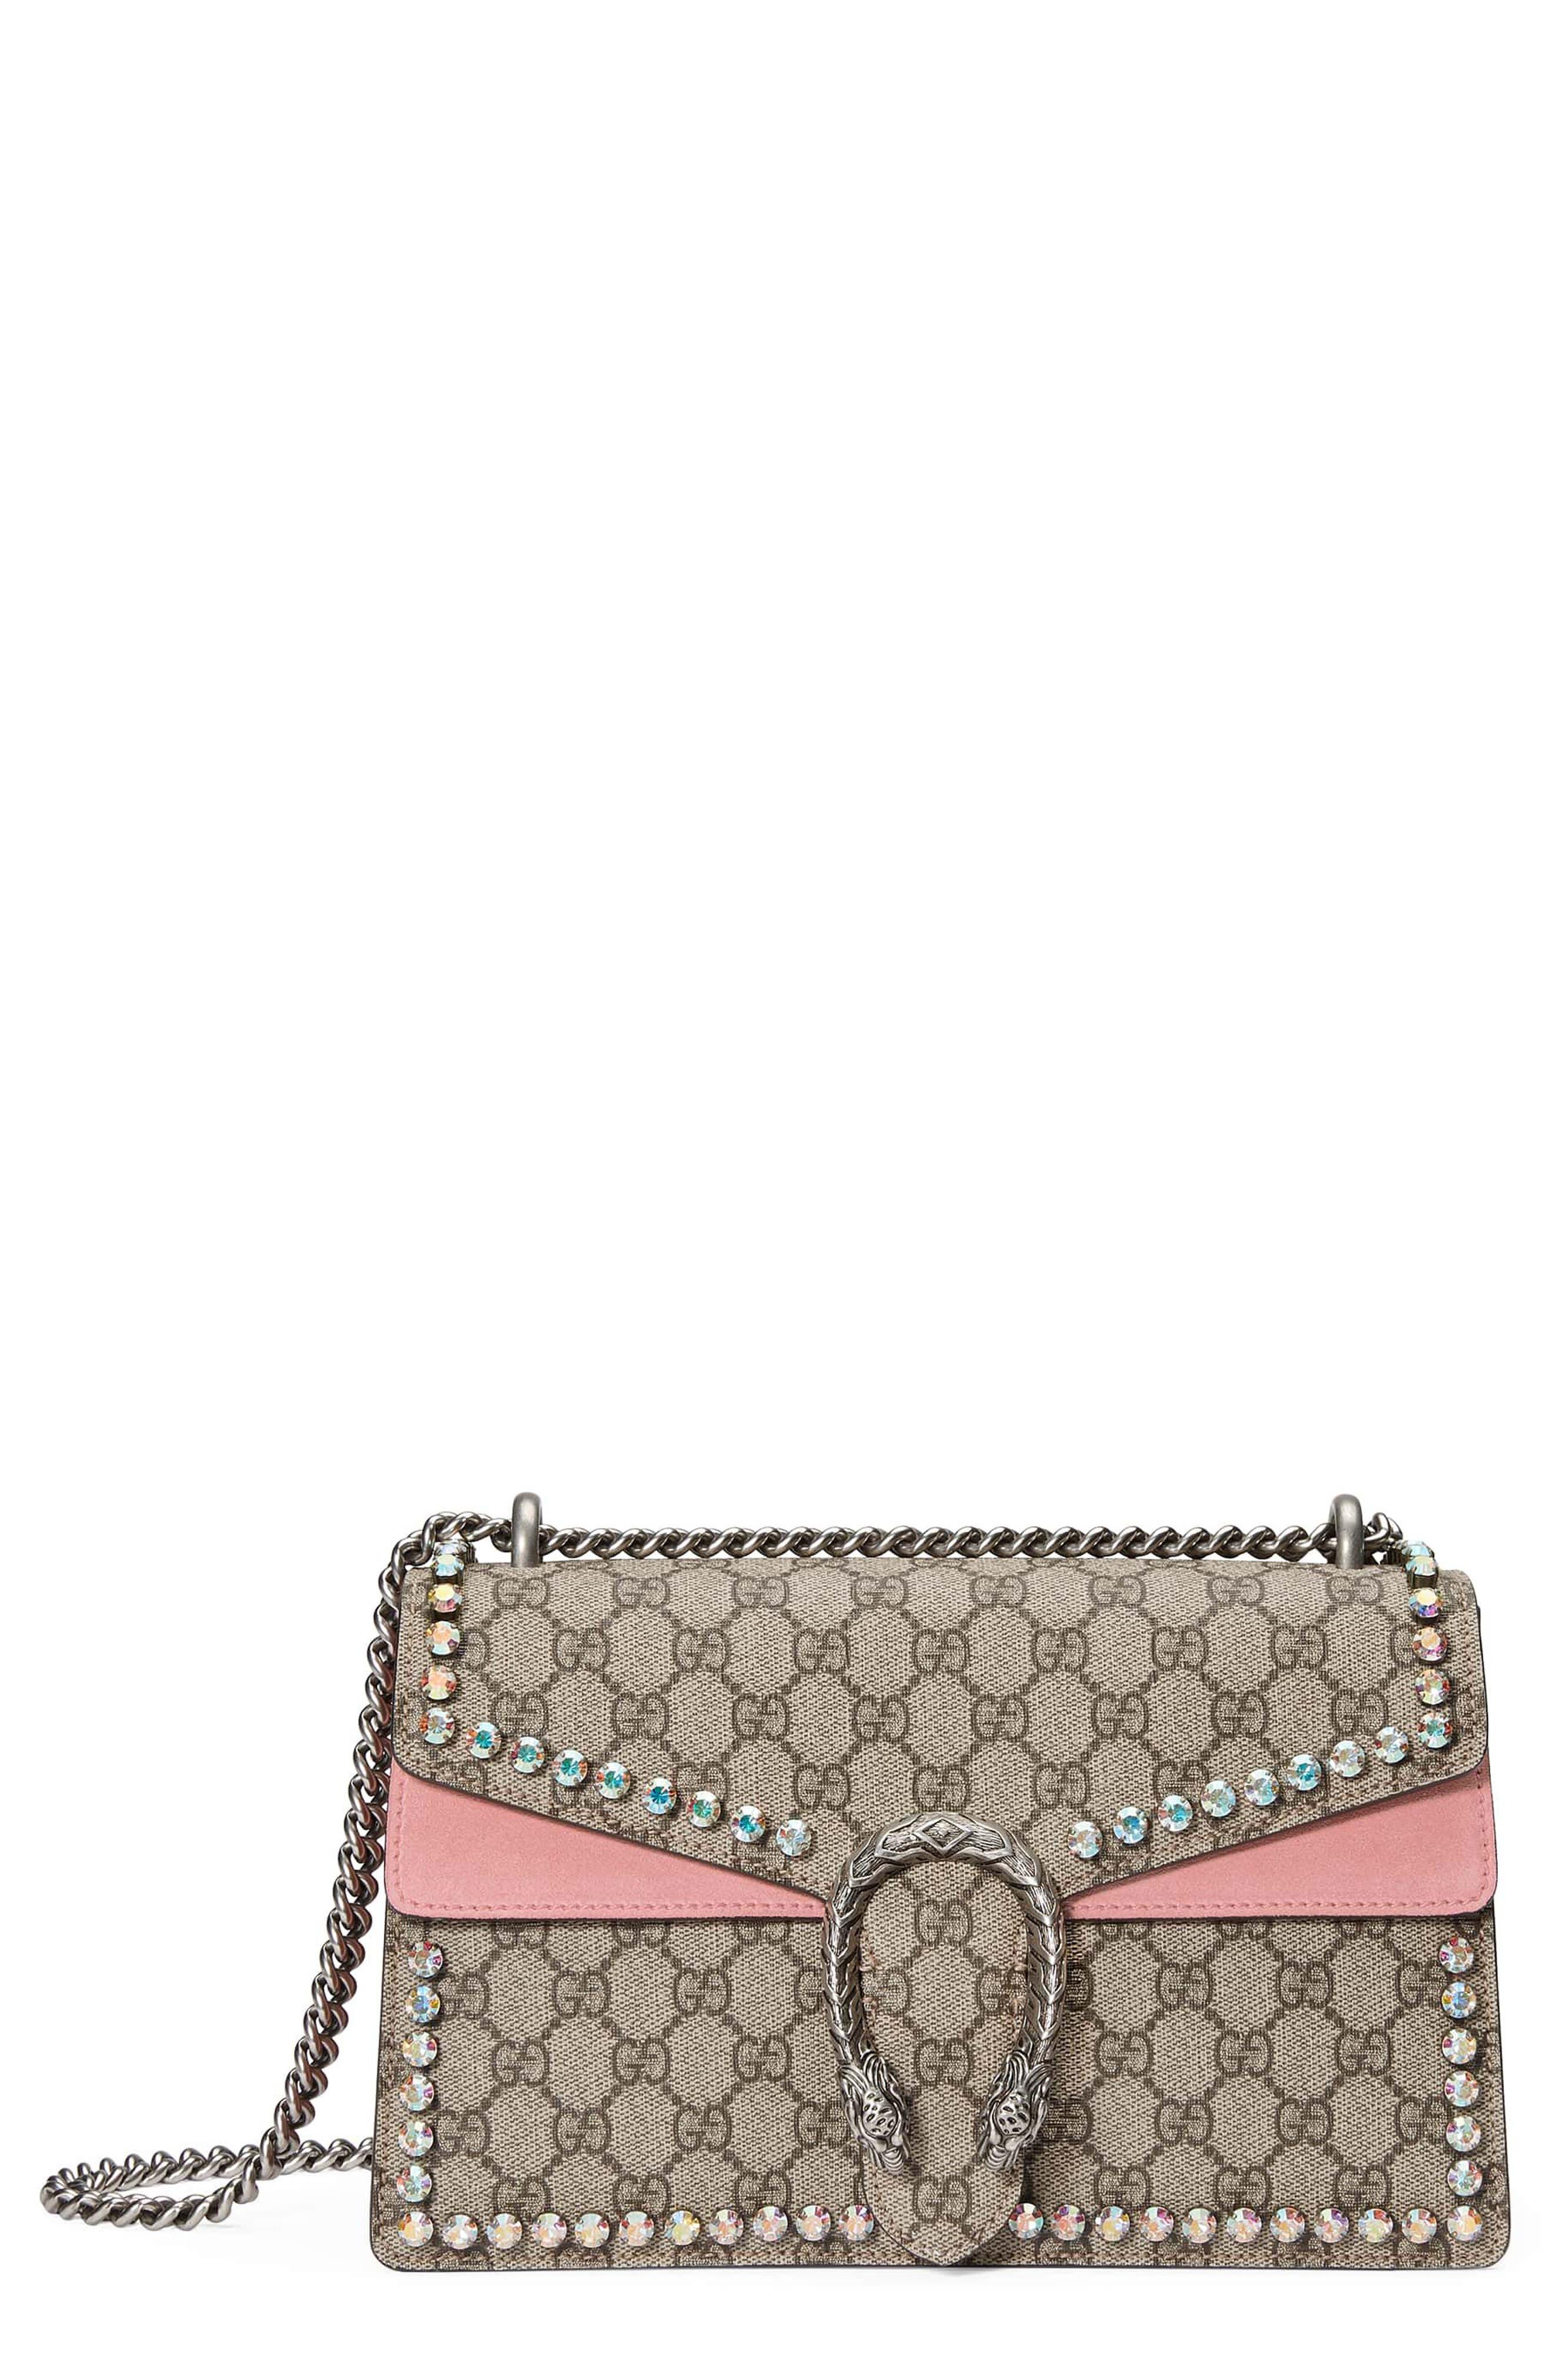 Gucci Small Dionysus Crystal Embellished GG Supreme Canvas & Suede Shoulder Bag